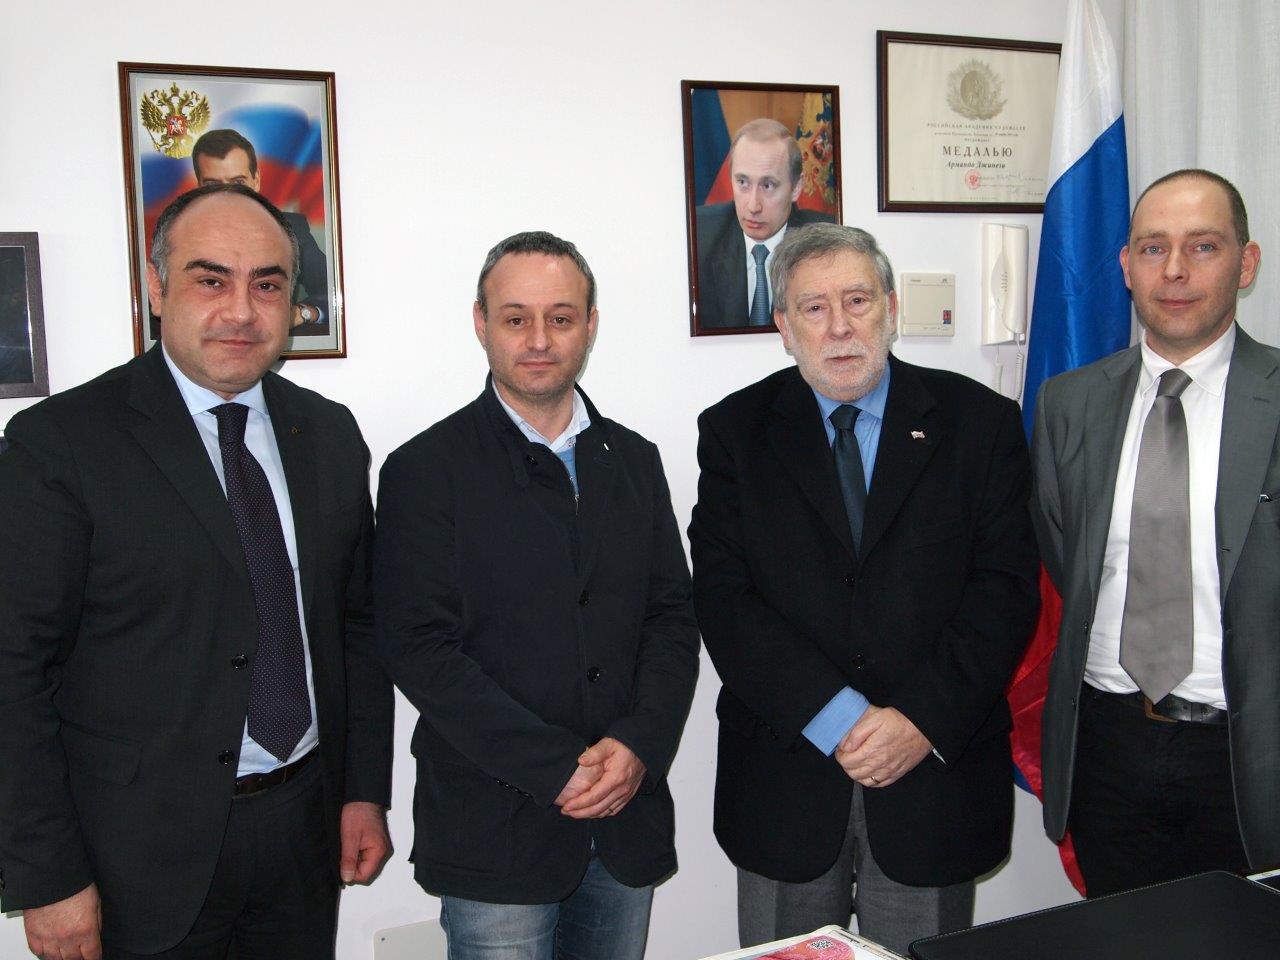 Importante adesione all'Associazione Amici dell'Italia e della Russia del Collegio Costruttori della Provincia di Ancona (ANCE)